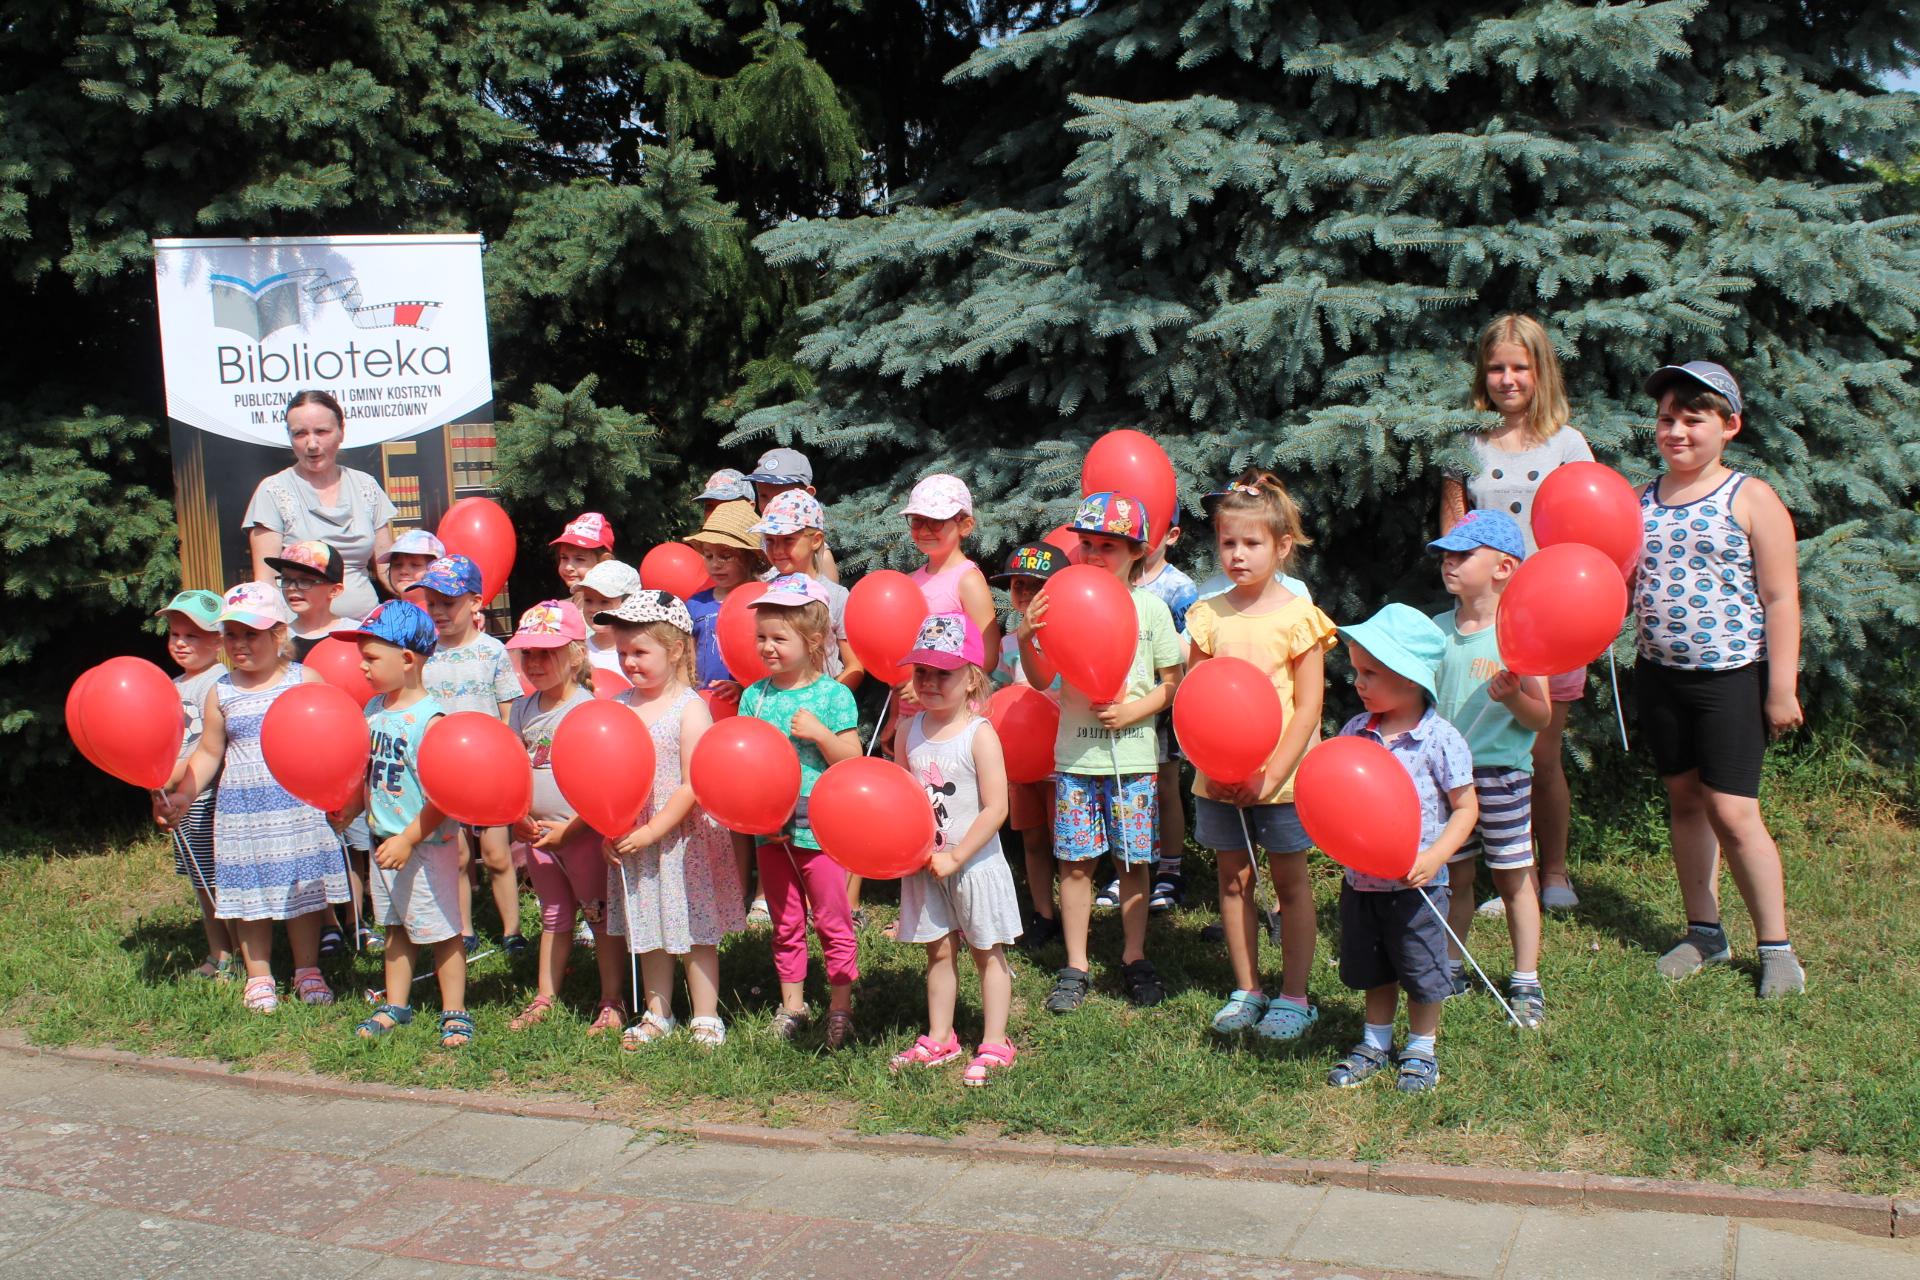 Grupa przedszkolaków z Czerlejna z czerwonymi balonikami w tle rollup biblioteki w Kostrzynie